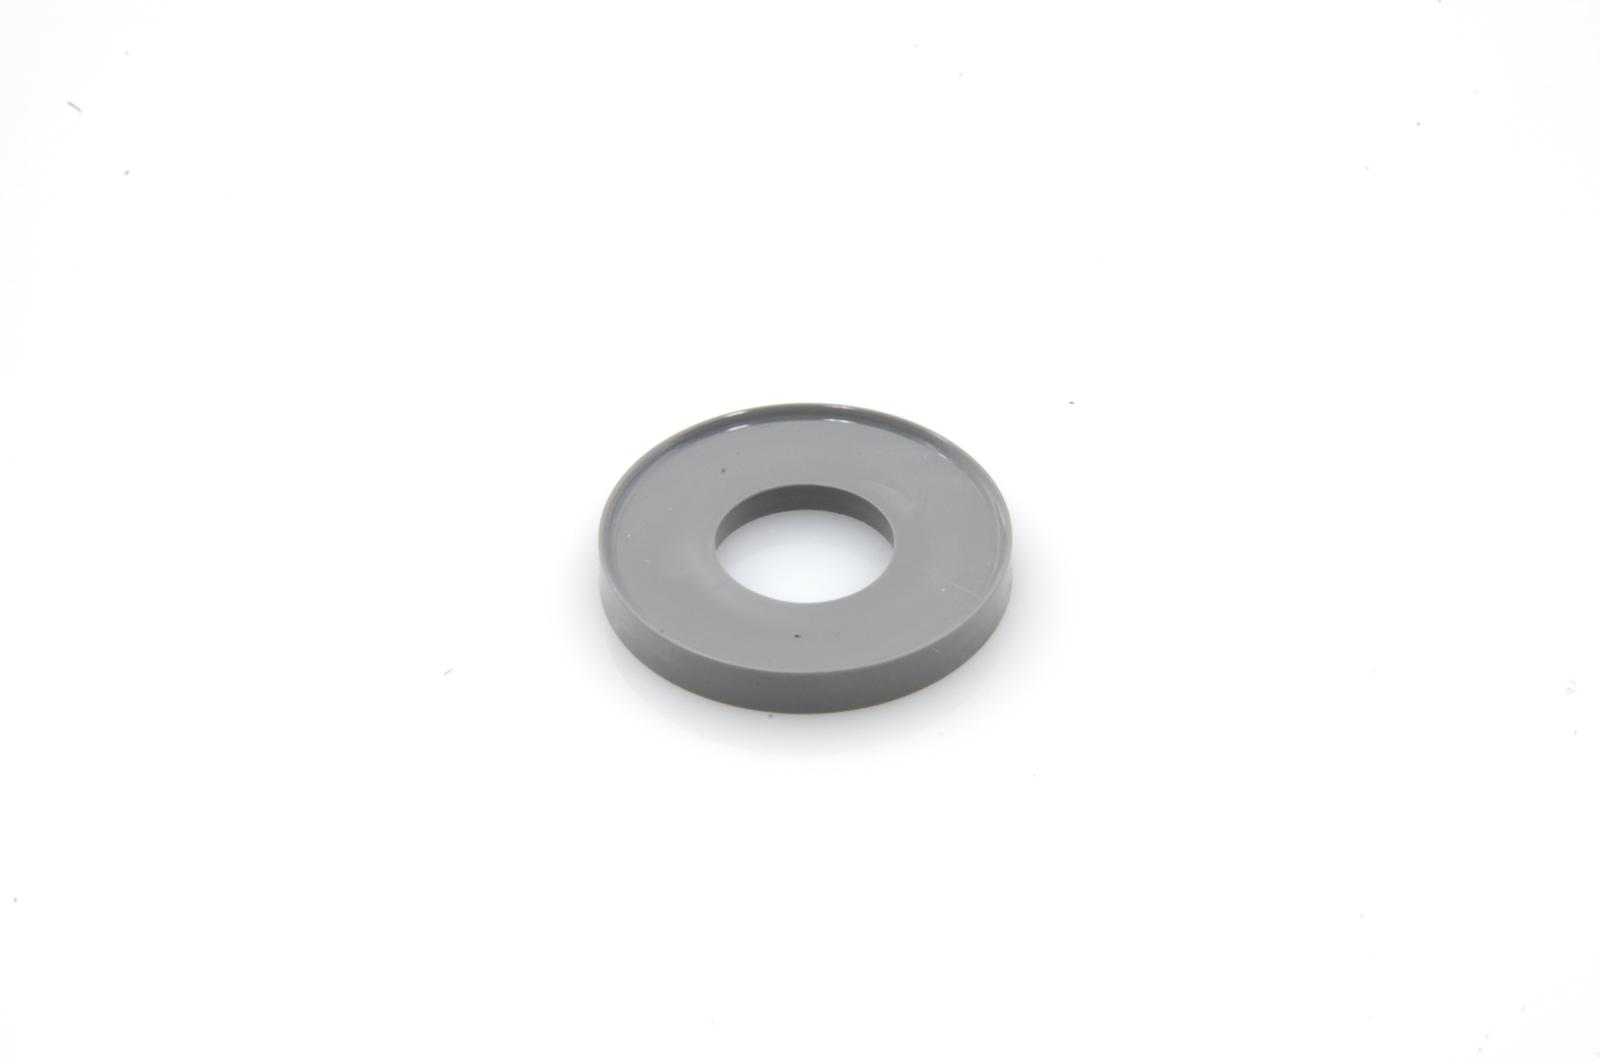 Ailes AR: Rondelle nylon de fix